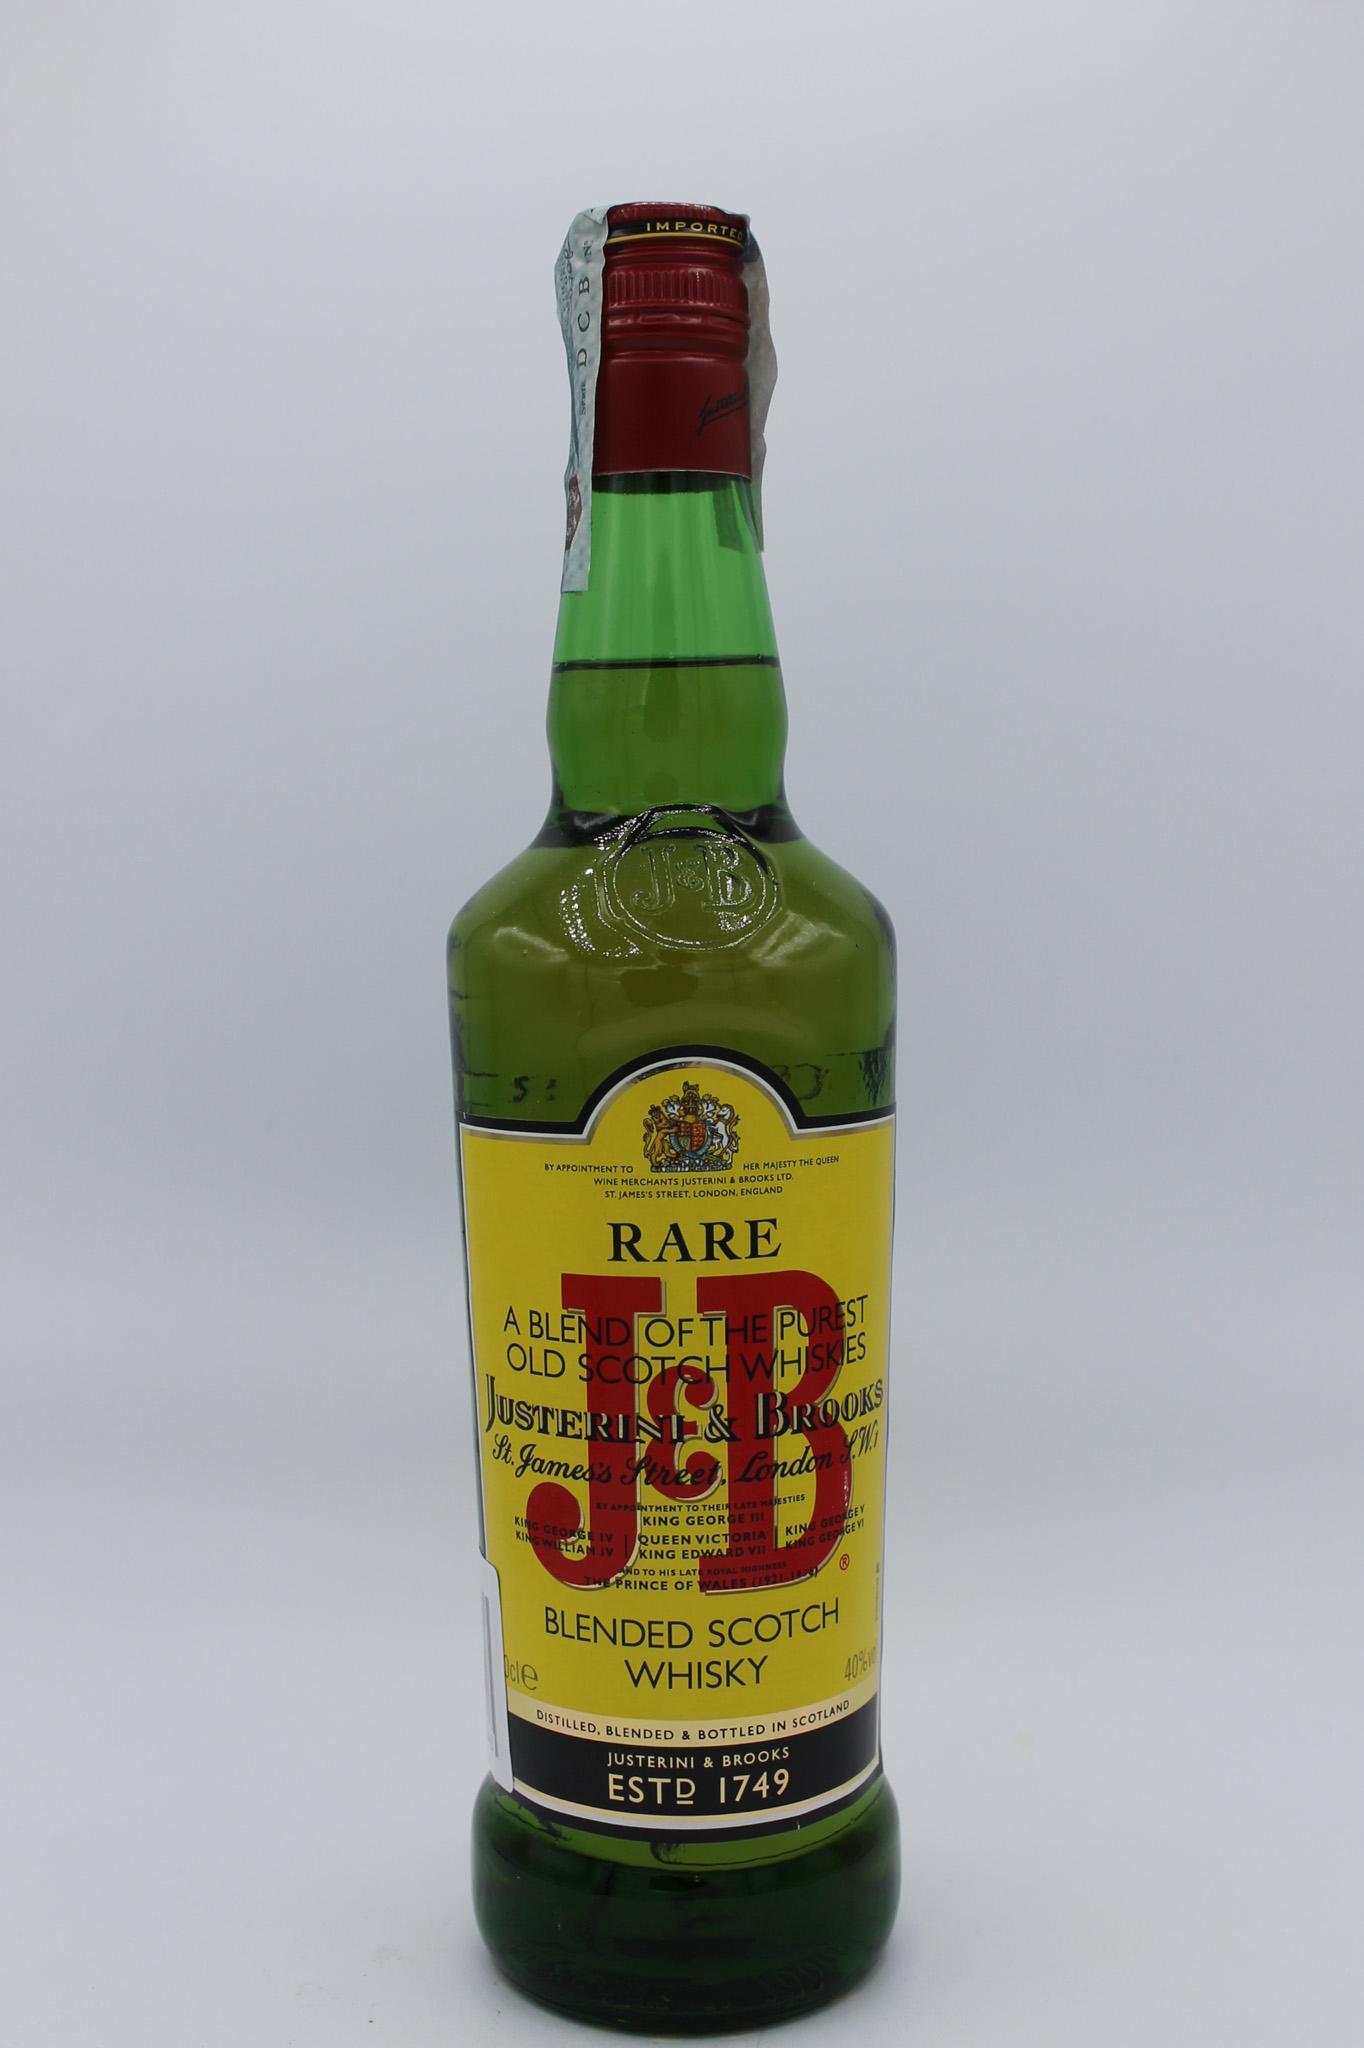 J&B whisky rare 700ml.